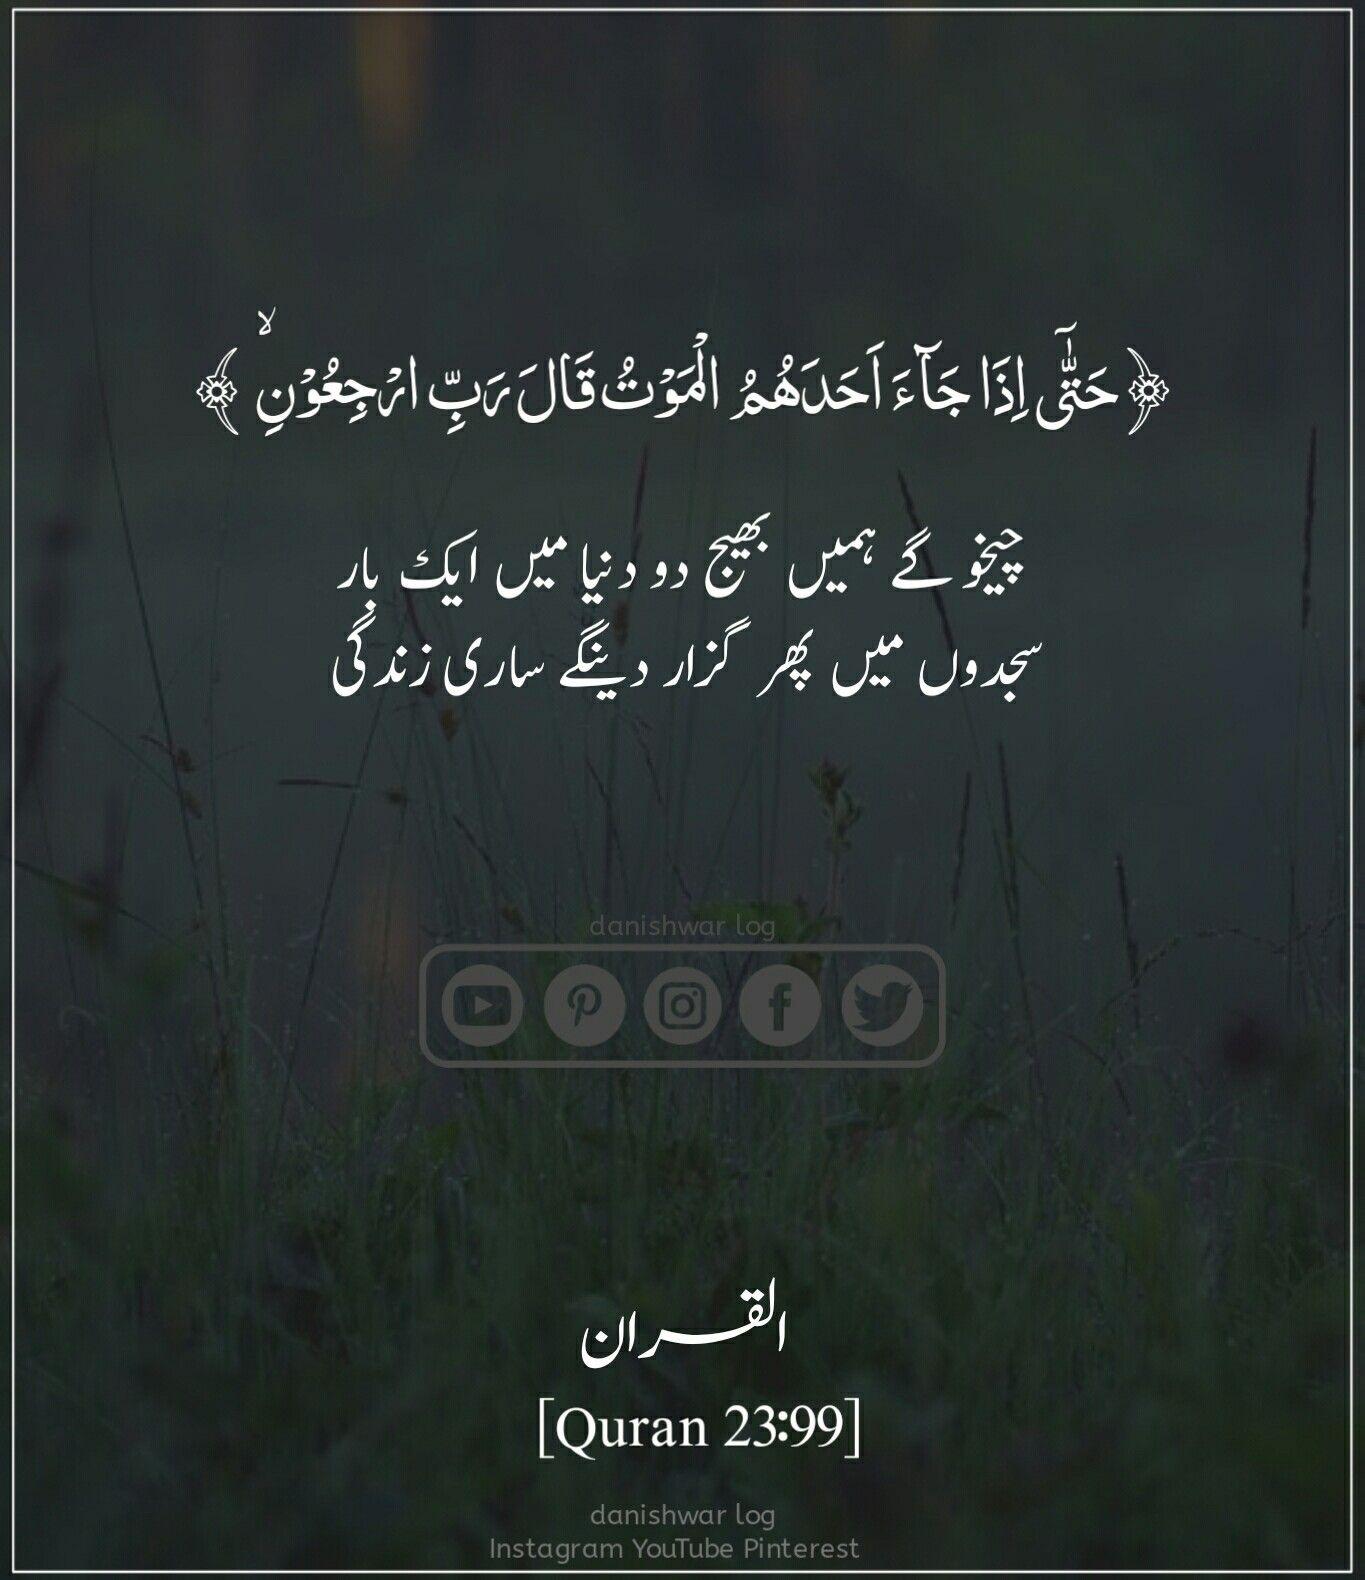 چیخو گے ہمیں بھیج دو دنیا میں Quran Quotes Islamic Quotes